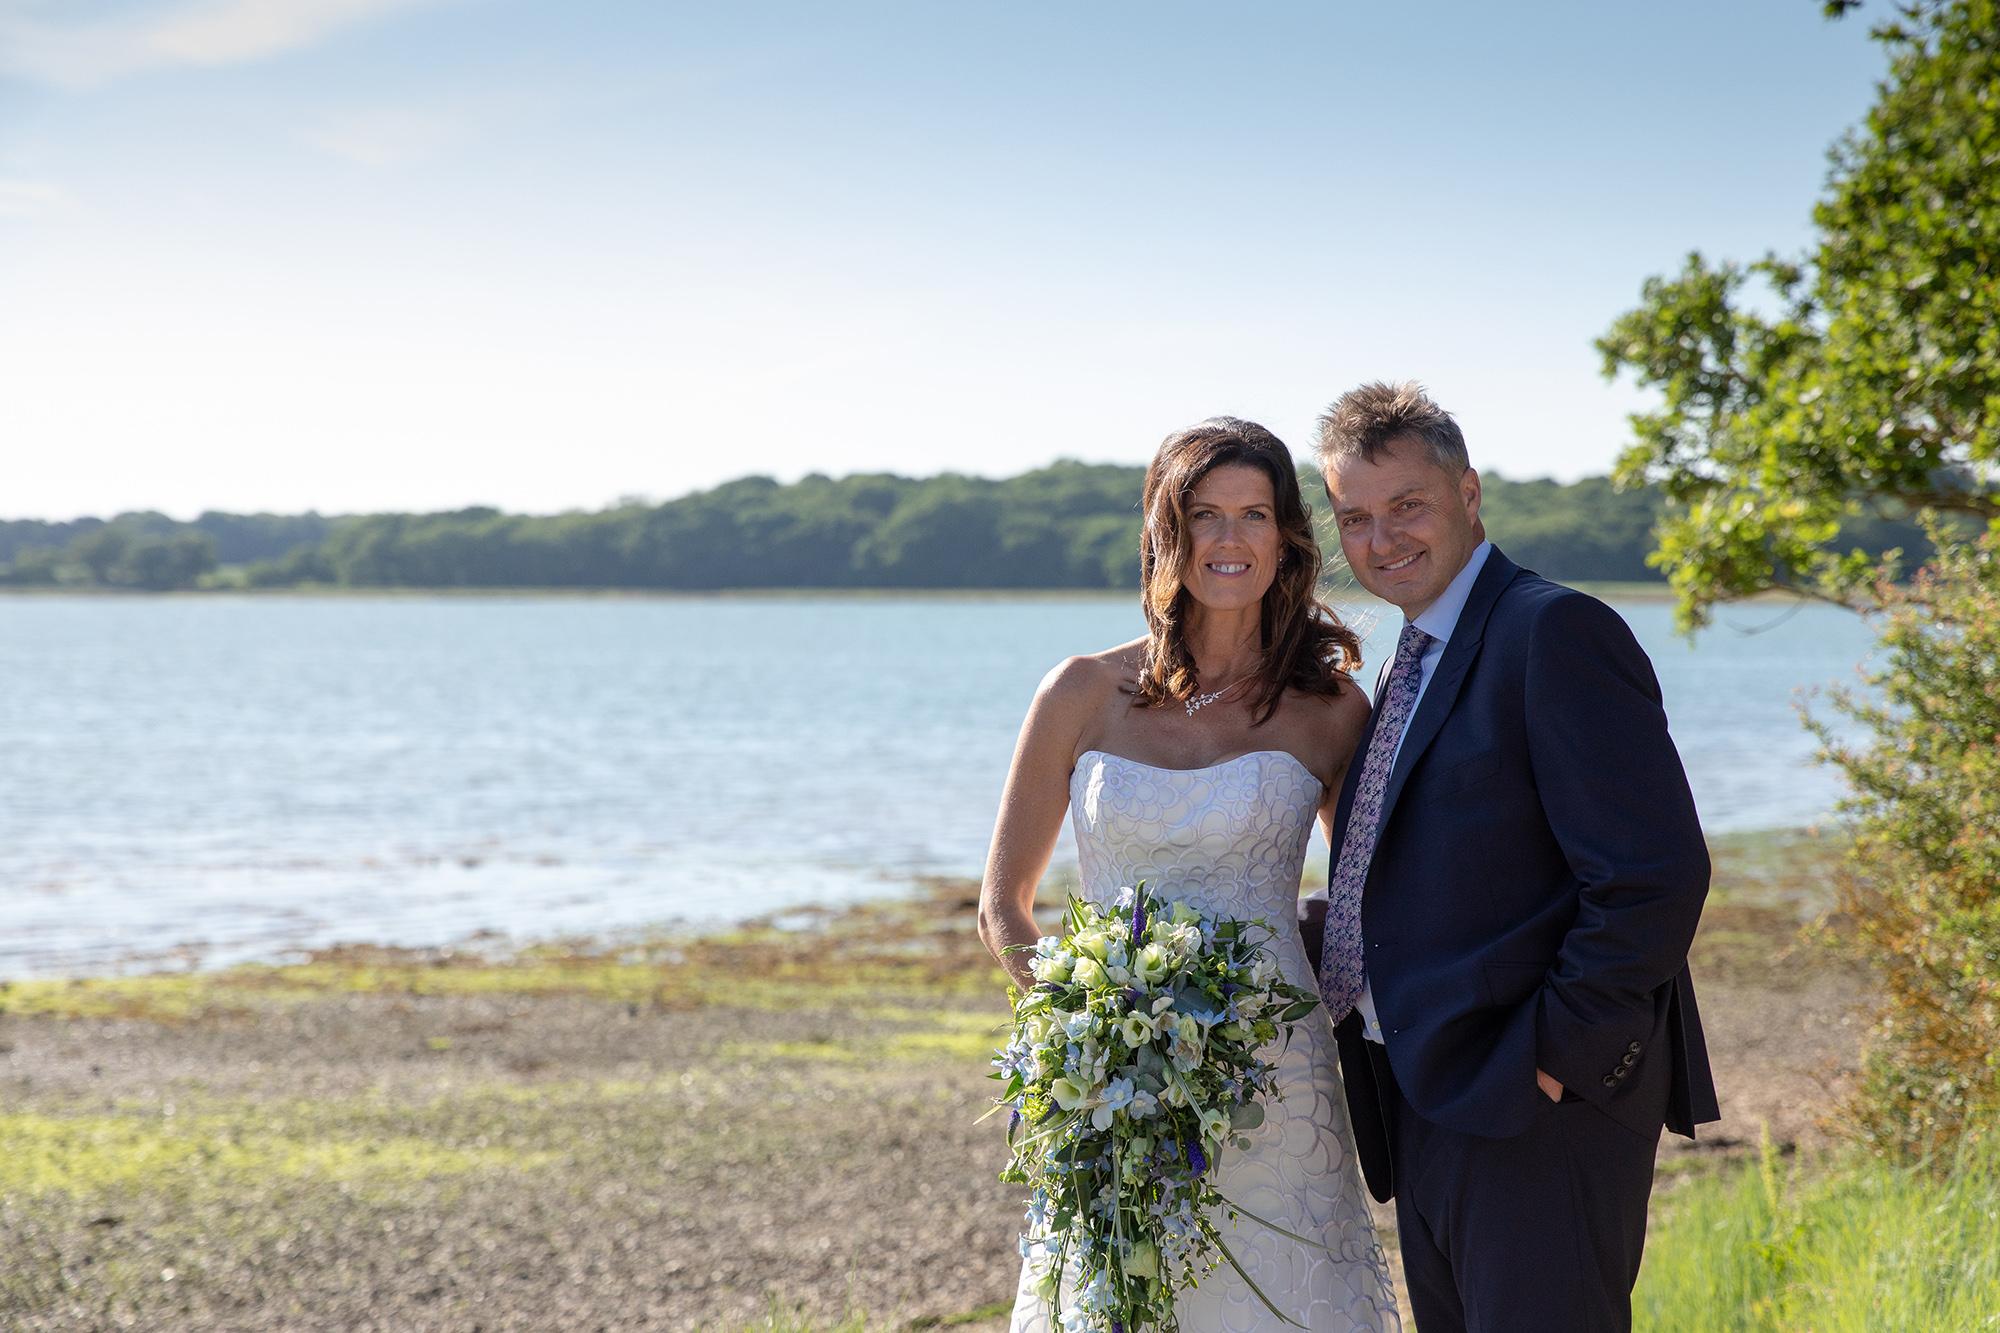 chichester_wedding_photographer_015.jpg